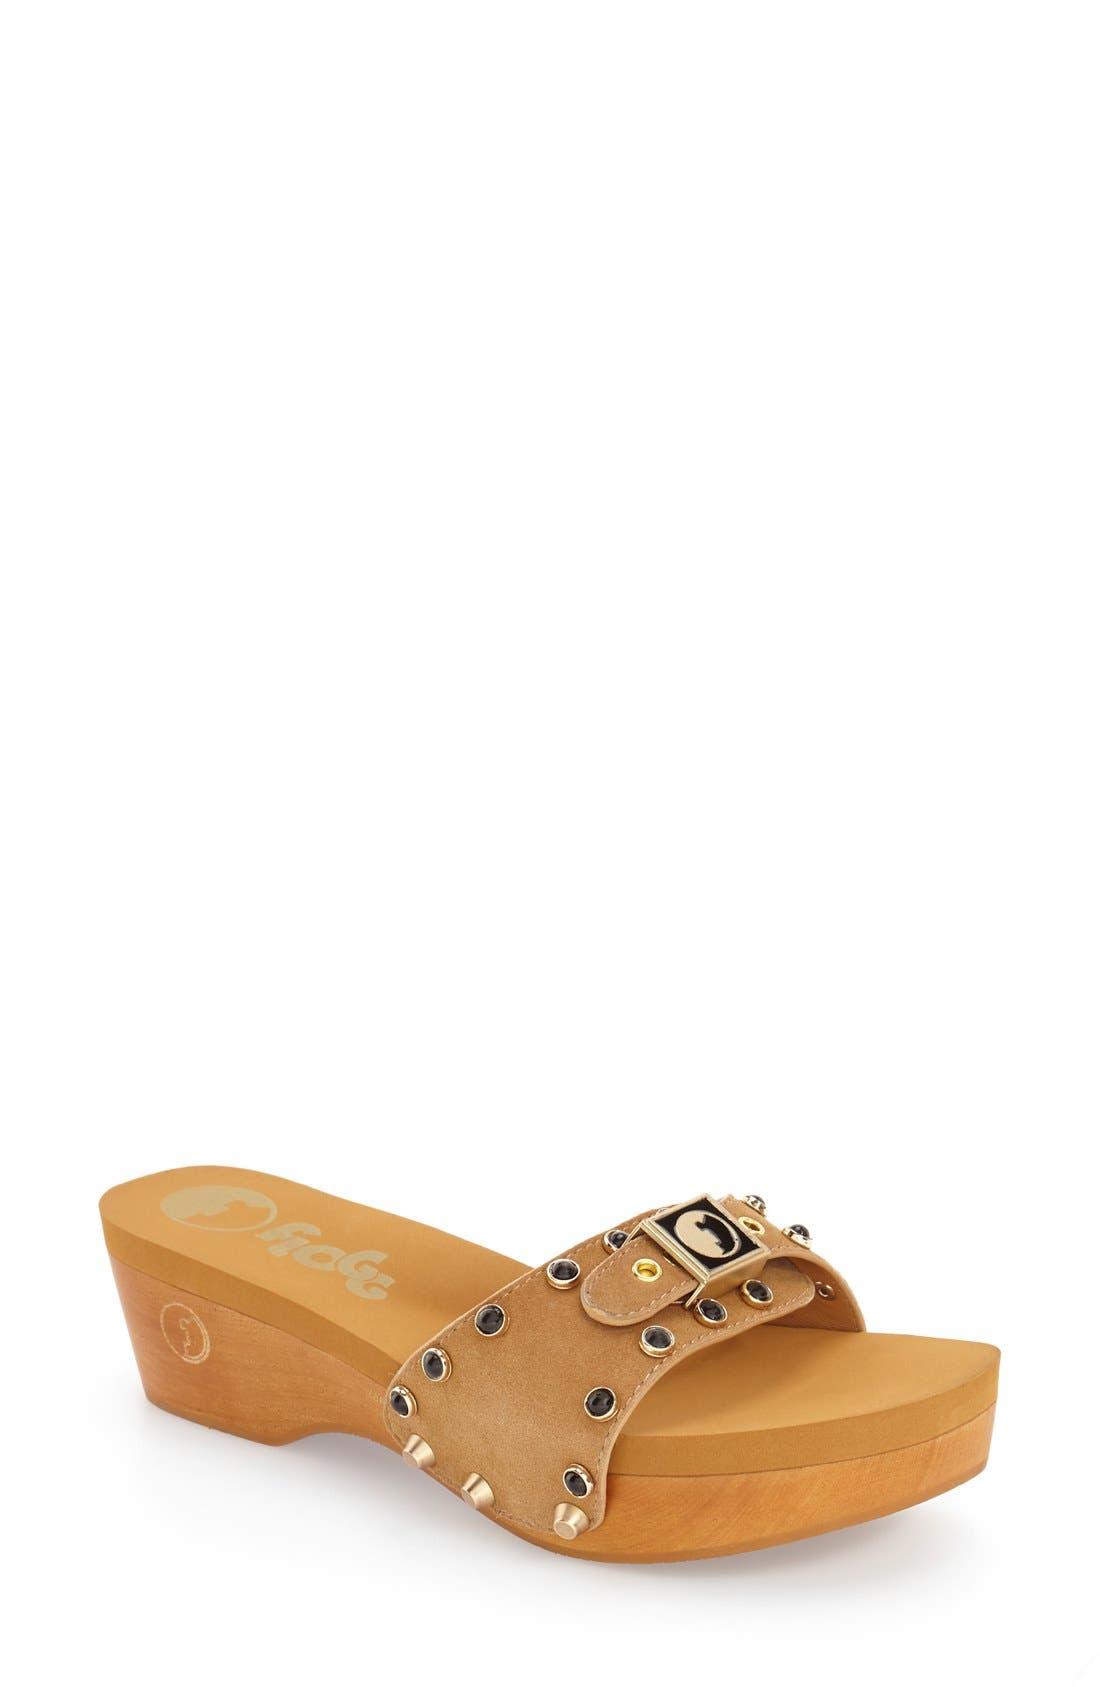 Main Image - Flogg 'Molly' Slide Sandal (Women)